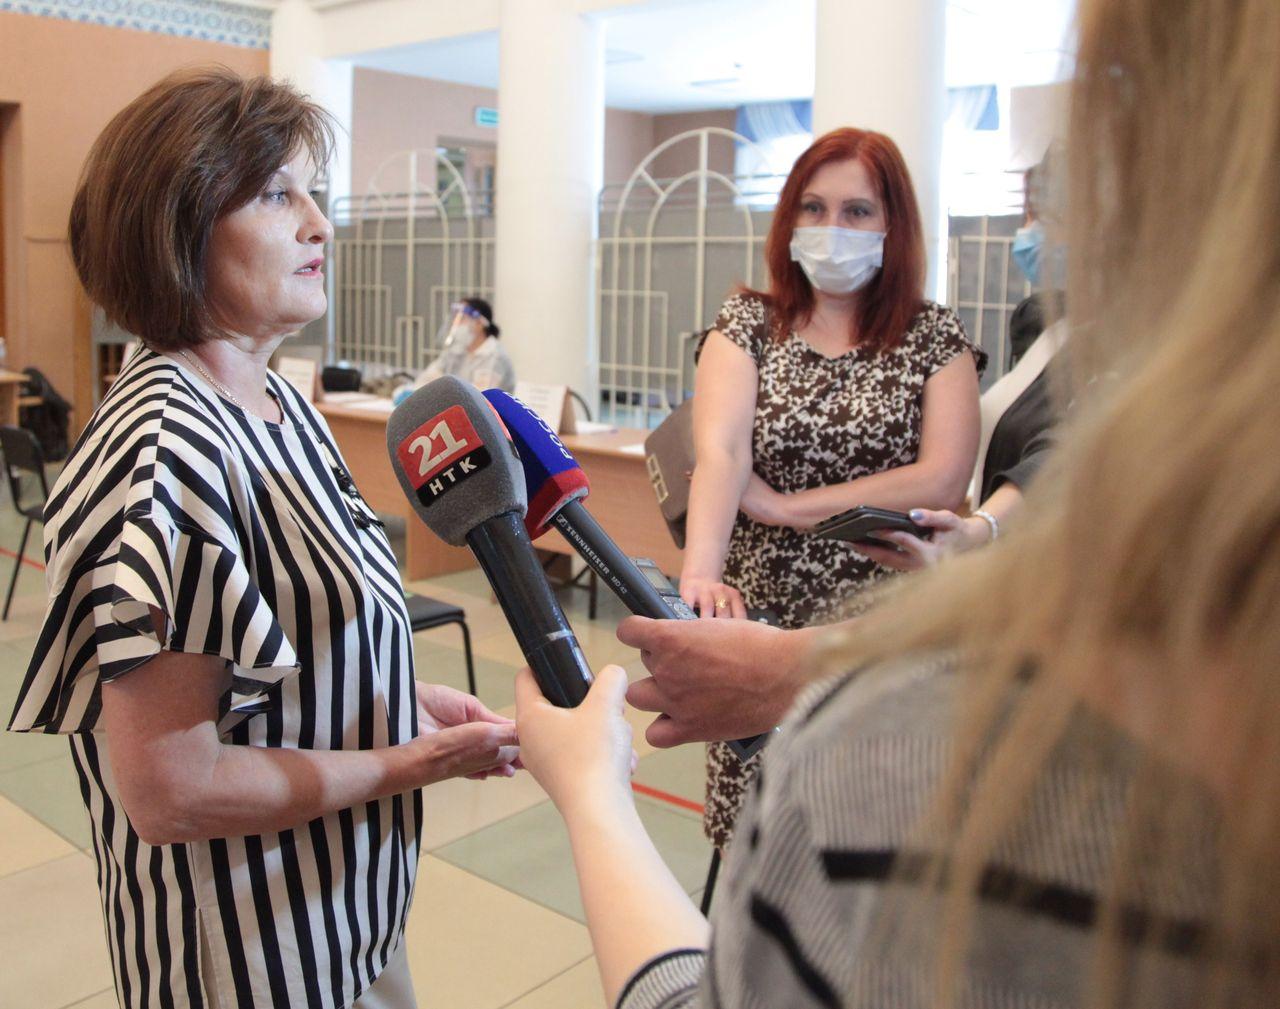 Л. Павлова: Мы берем на себя ответственность за судьбу страны